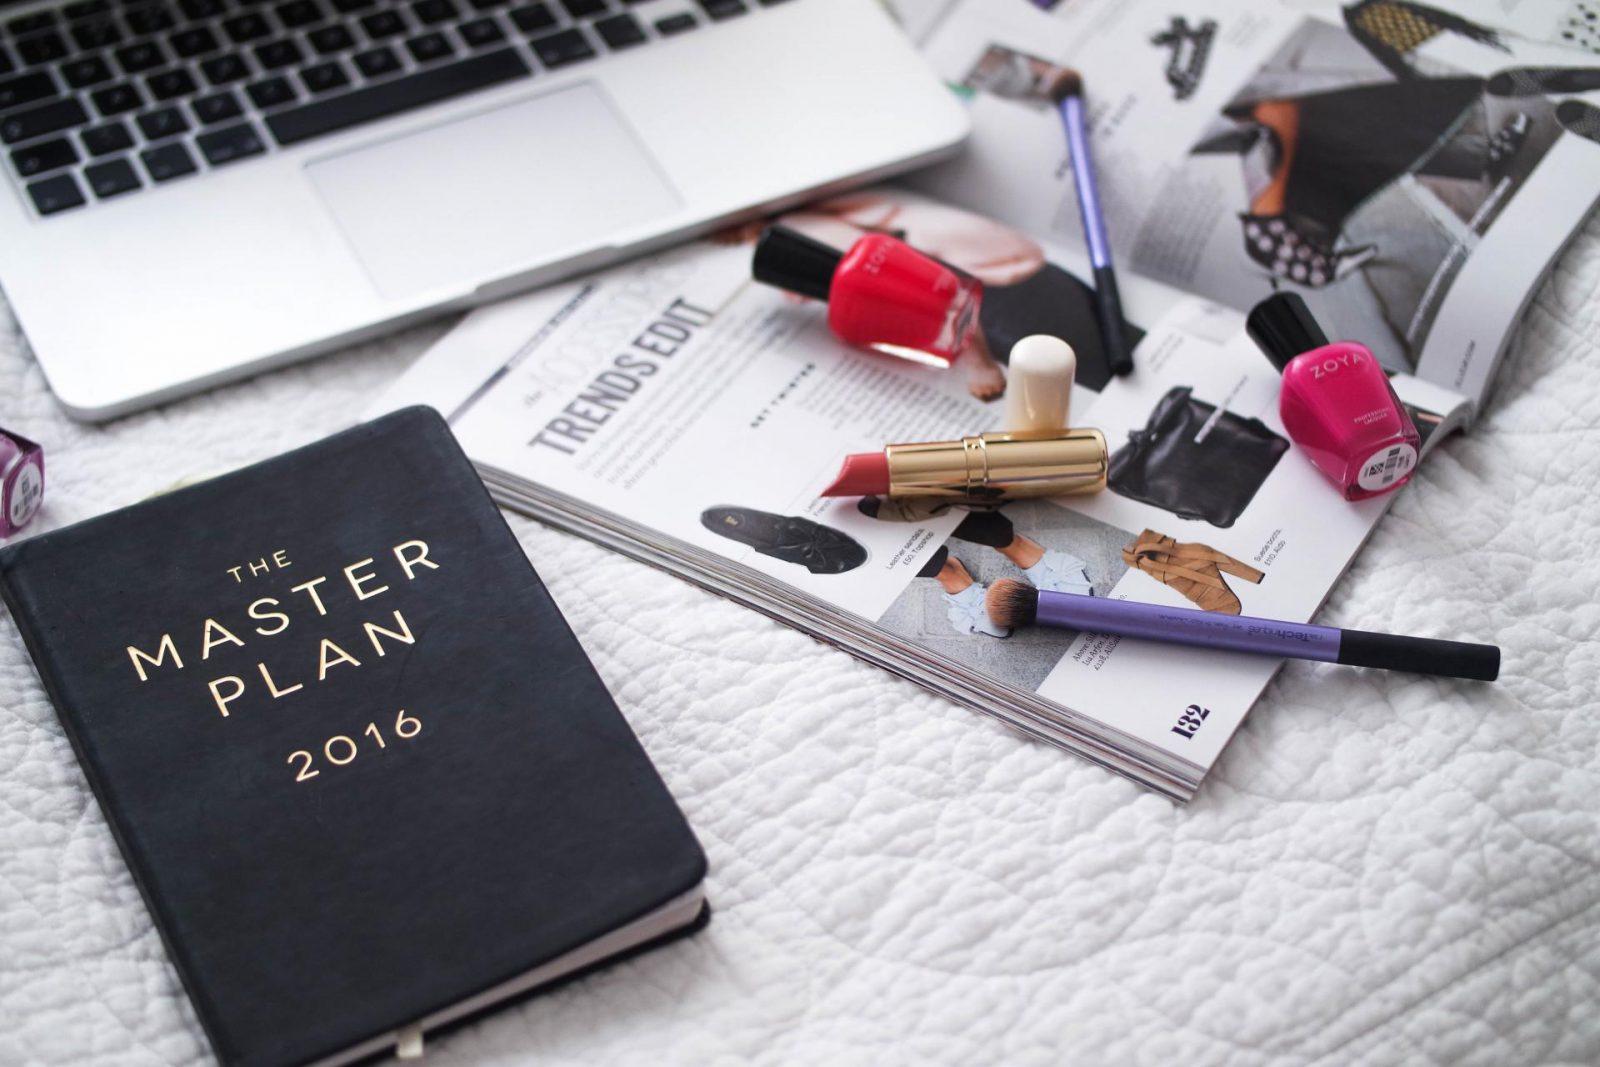 80 More Killer Blog Post Ideas